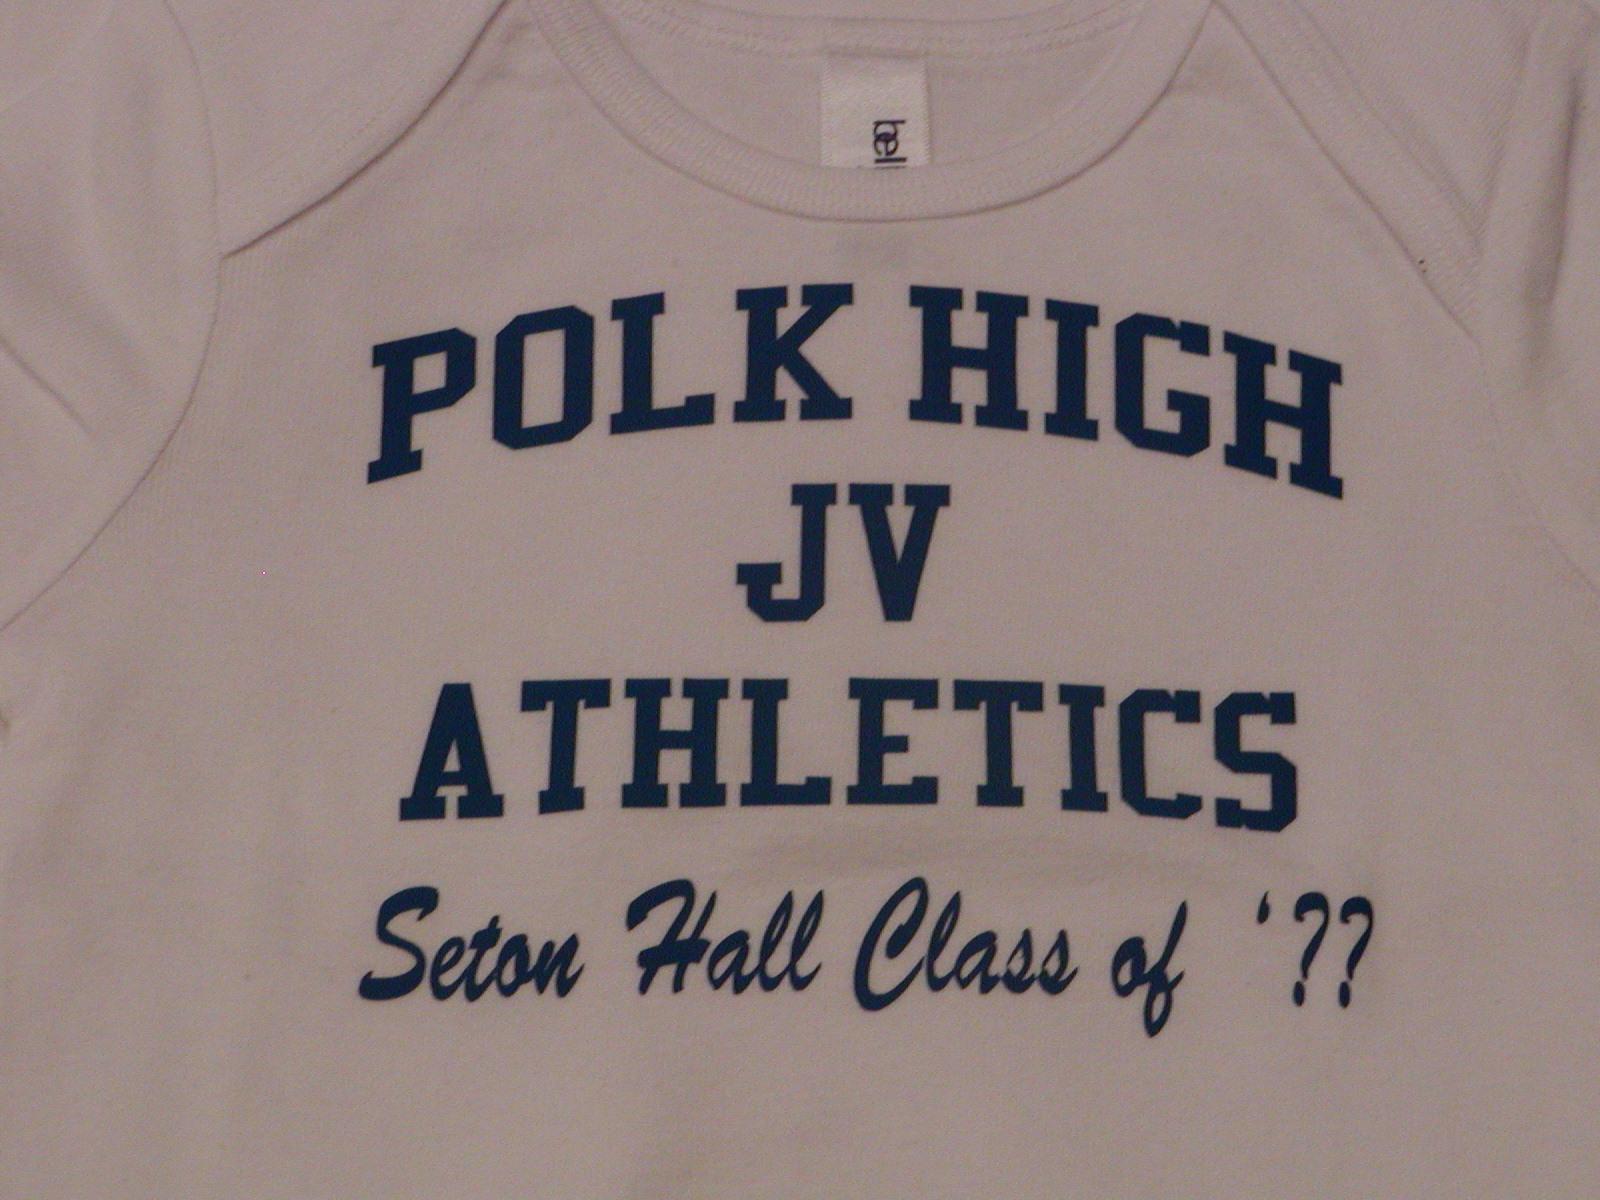 Polk High JV design.JPG